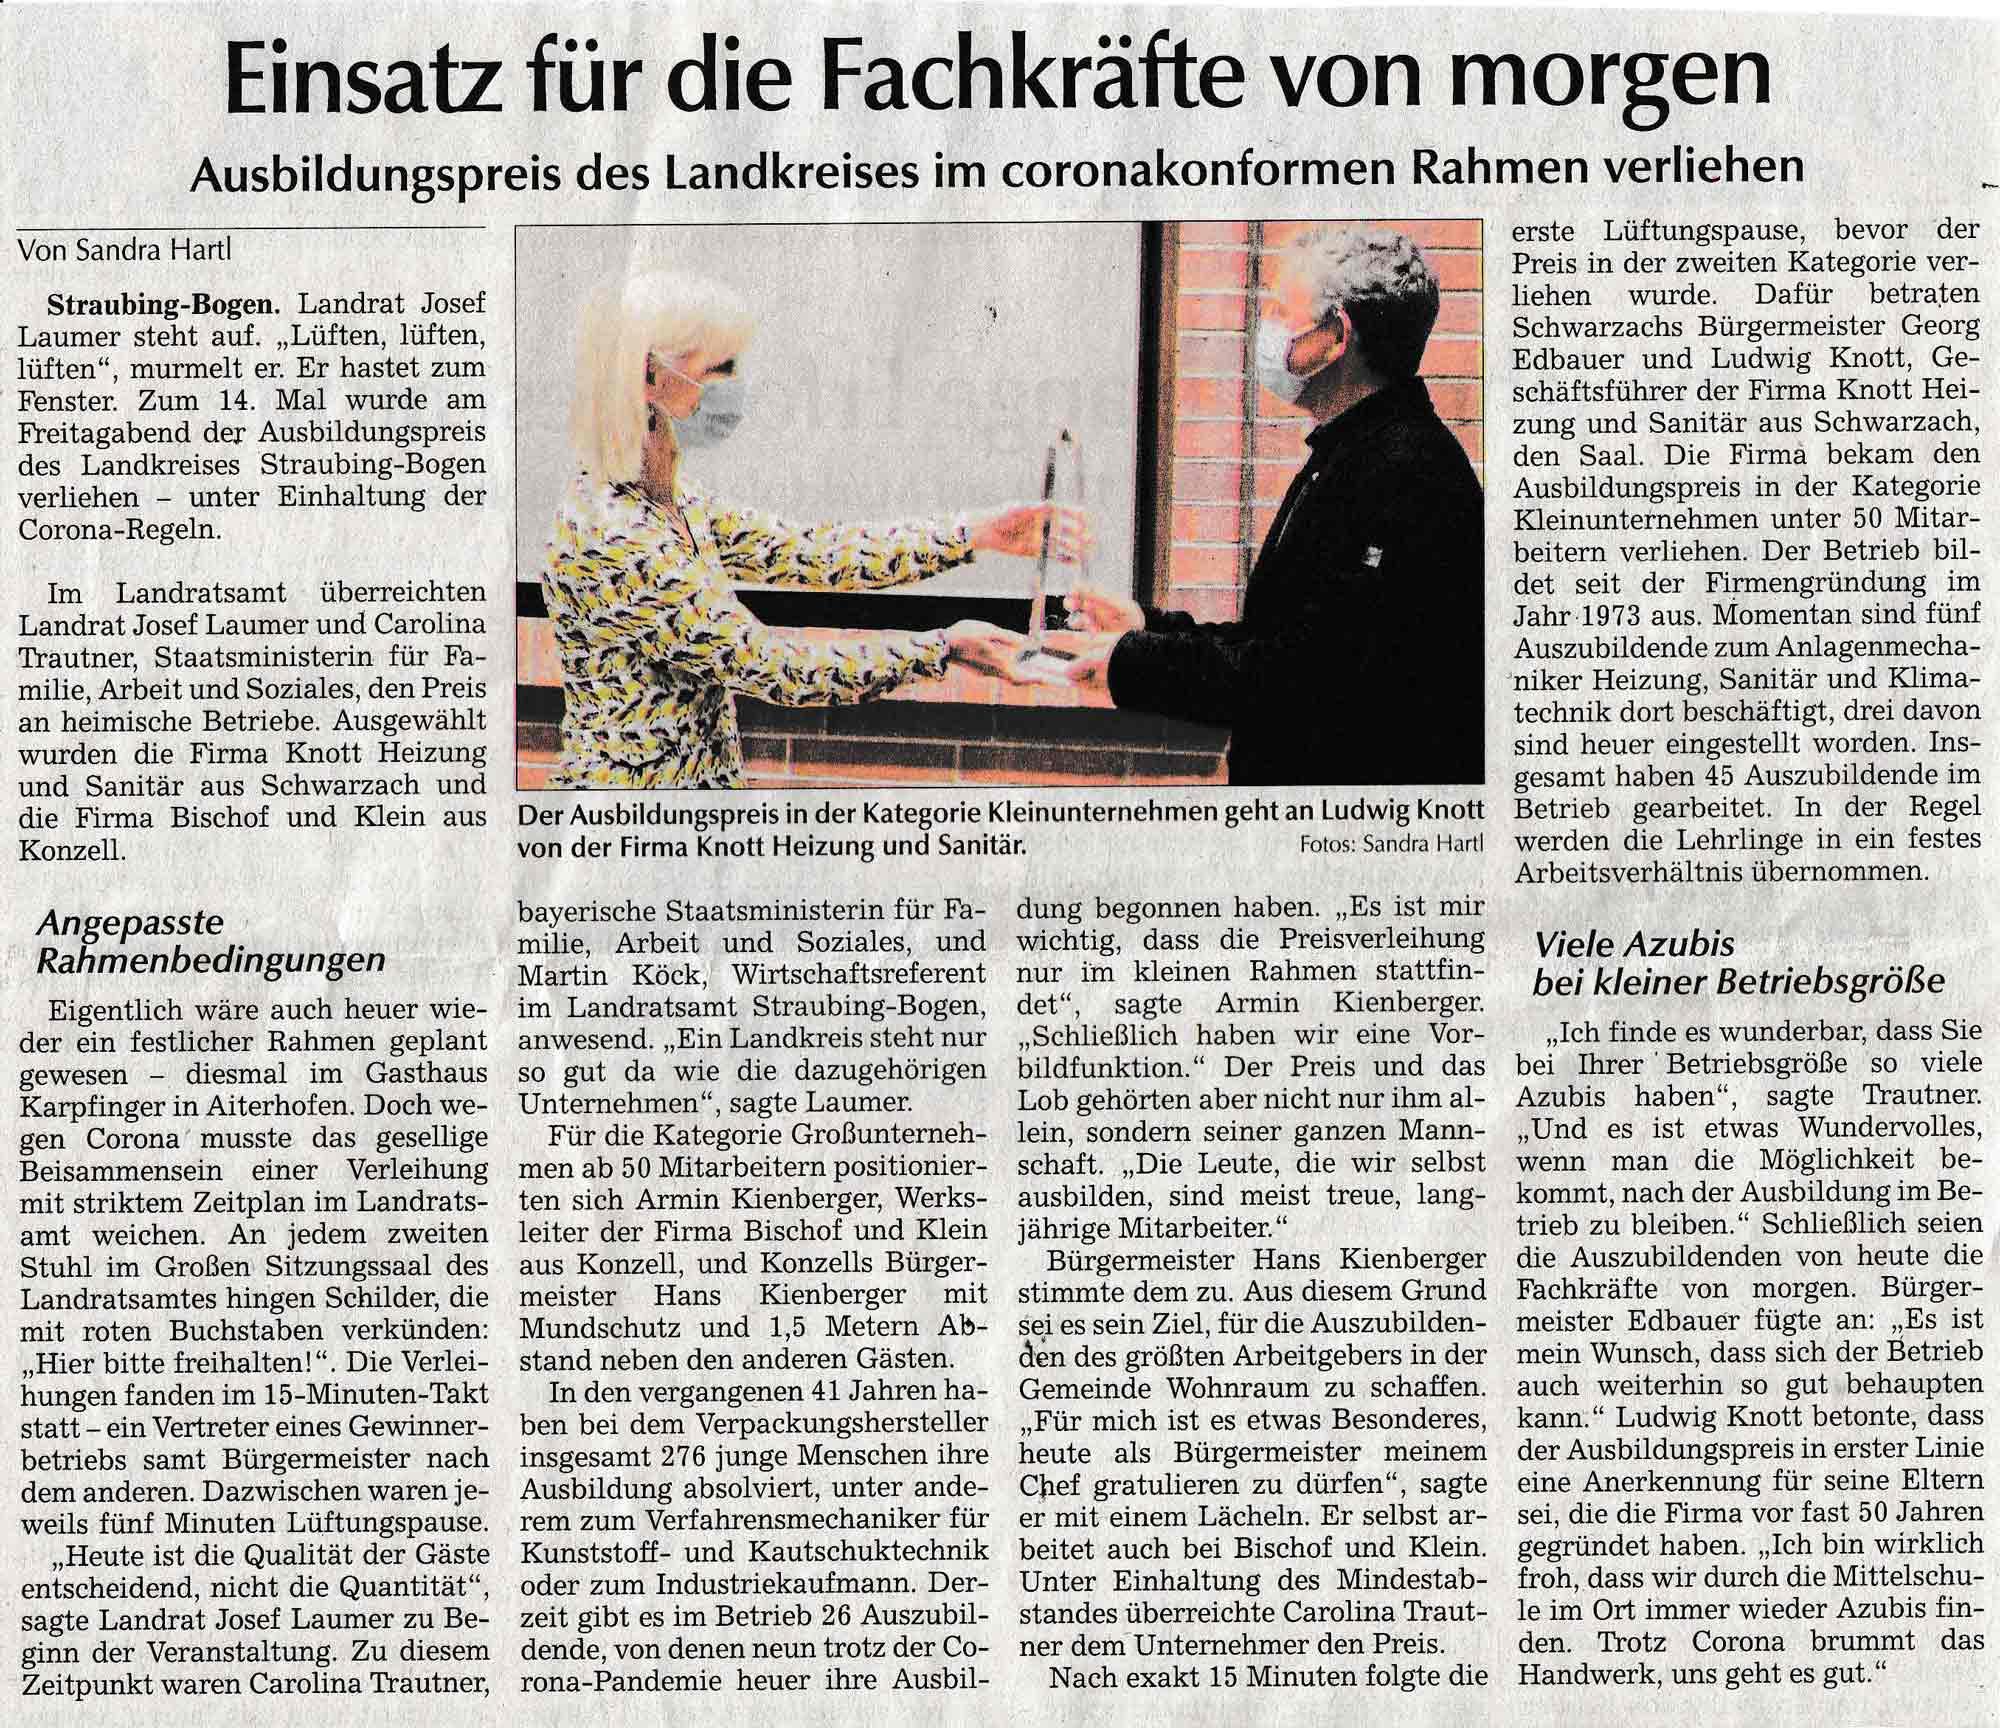 Ausbildungspreis 2020 an Knott Heizung und Sanitär im Straubinger Tagblatt